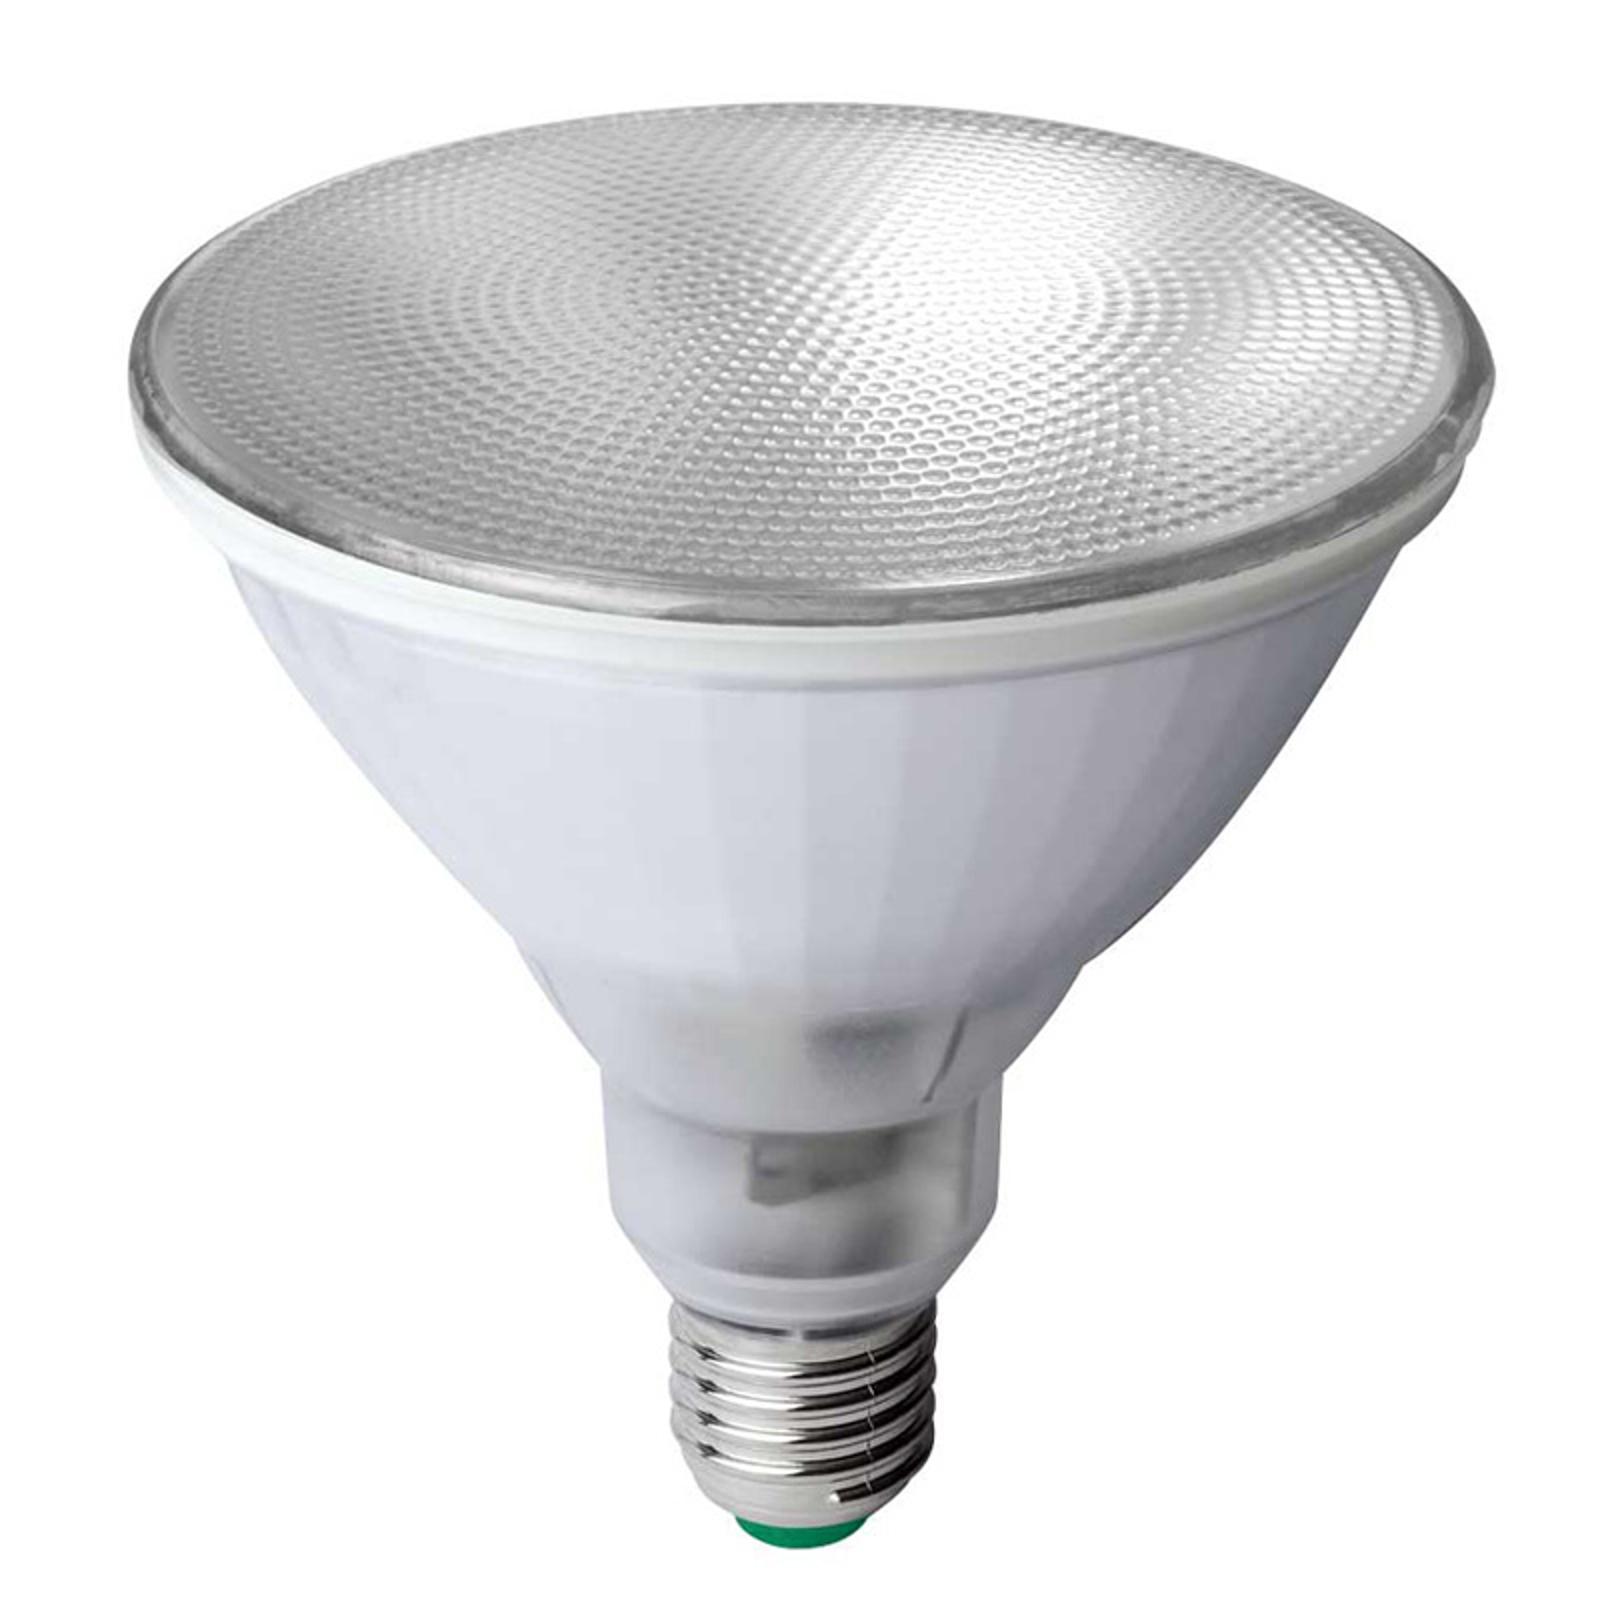 LED-Reflektorlampe E27 15,5W PAR38 35° 4.000K